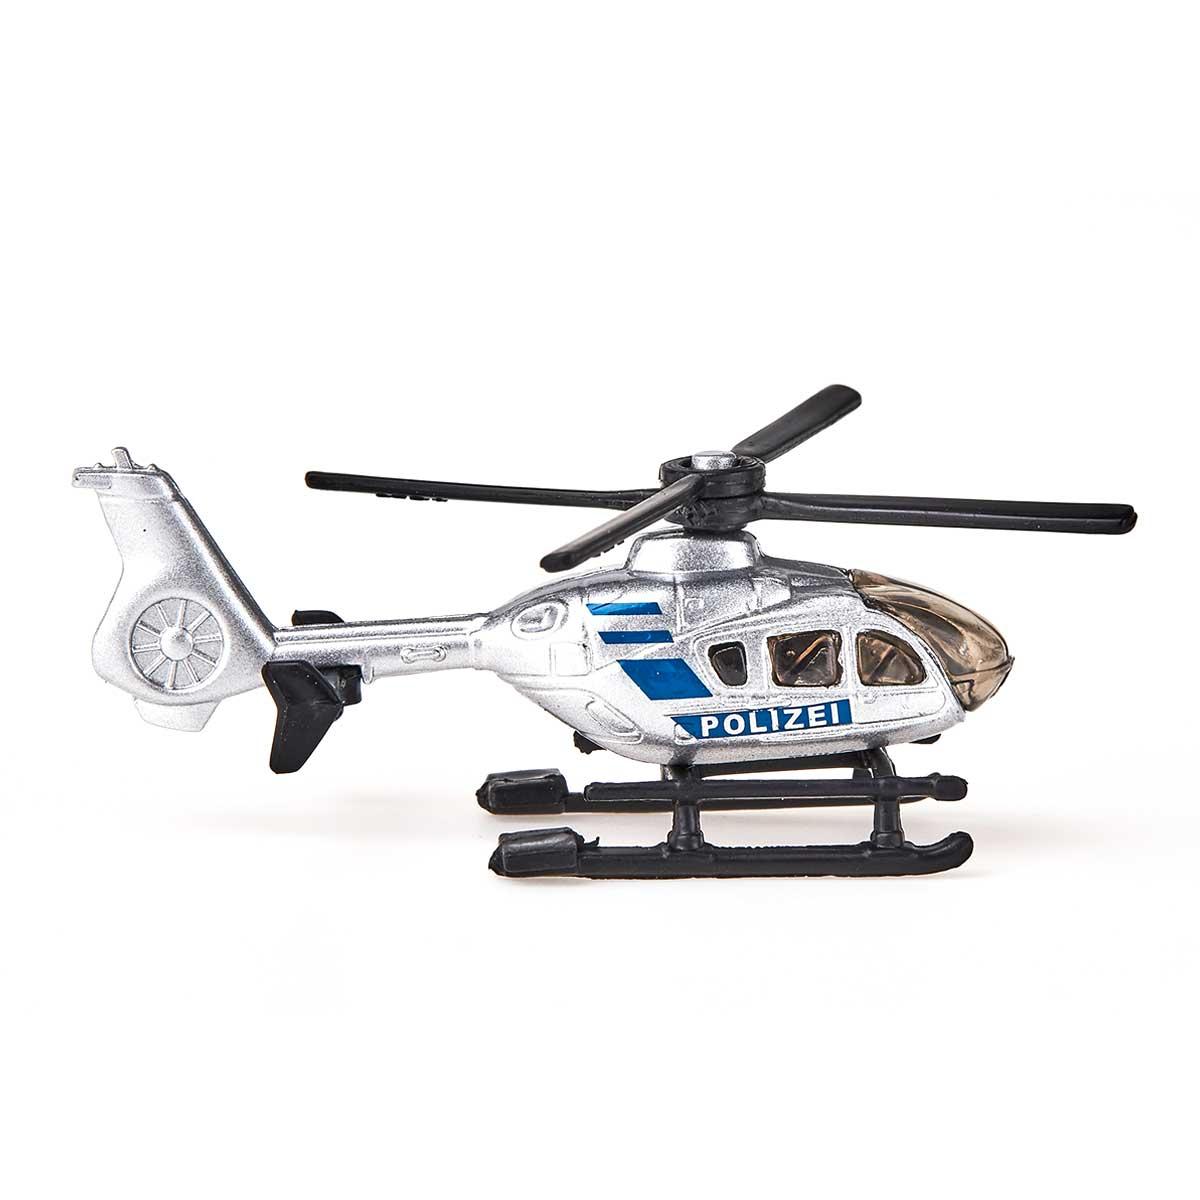 ポリスヘリコプター(ジク・SIKU)